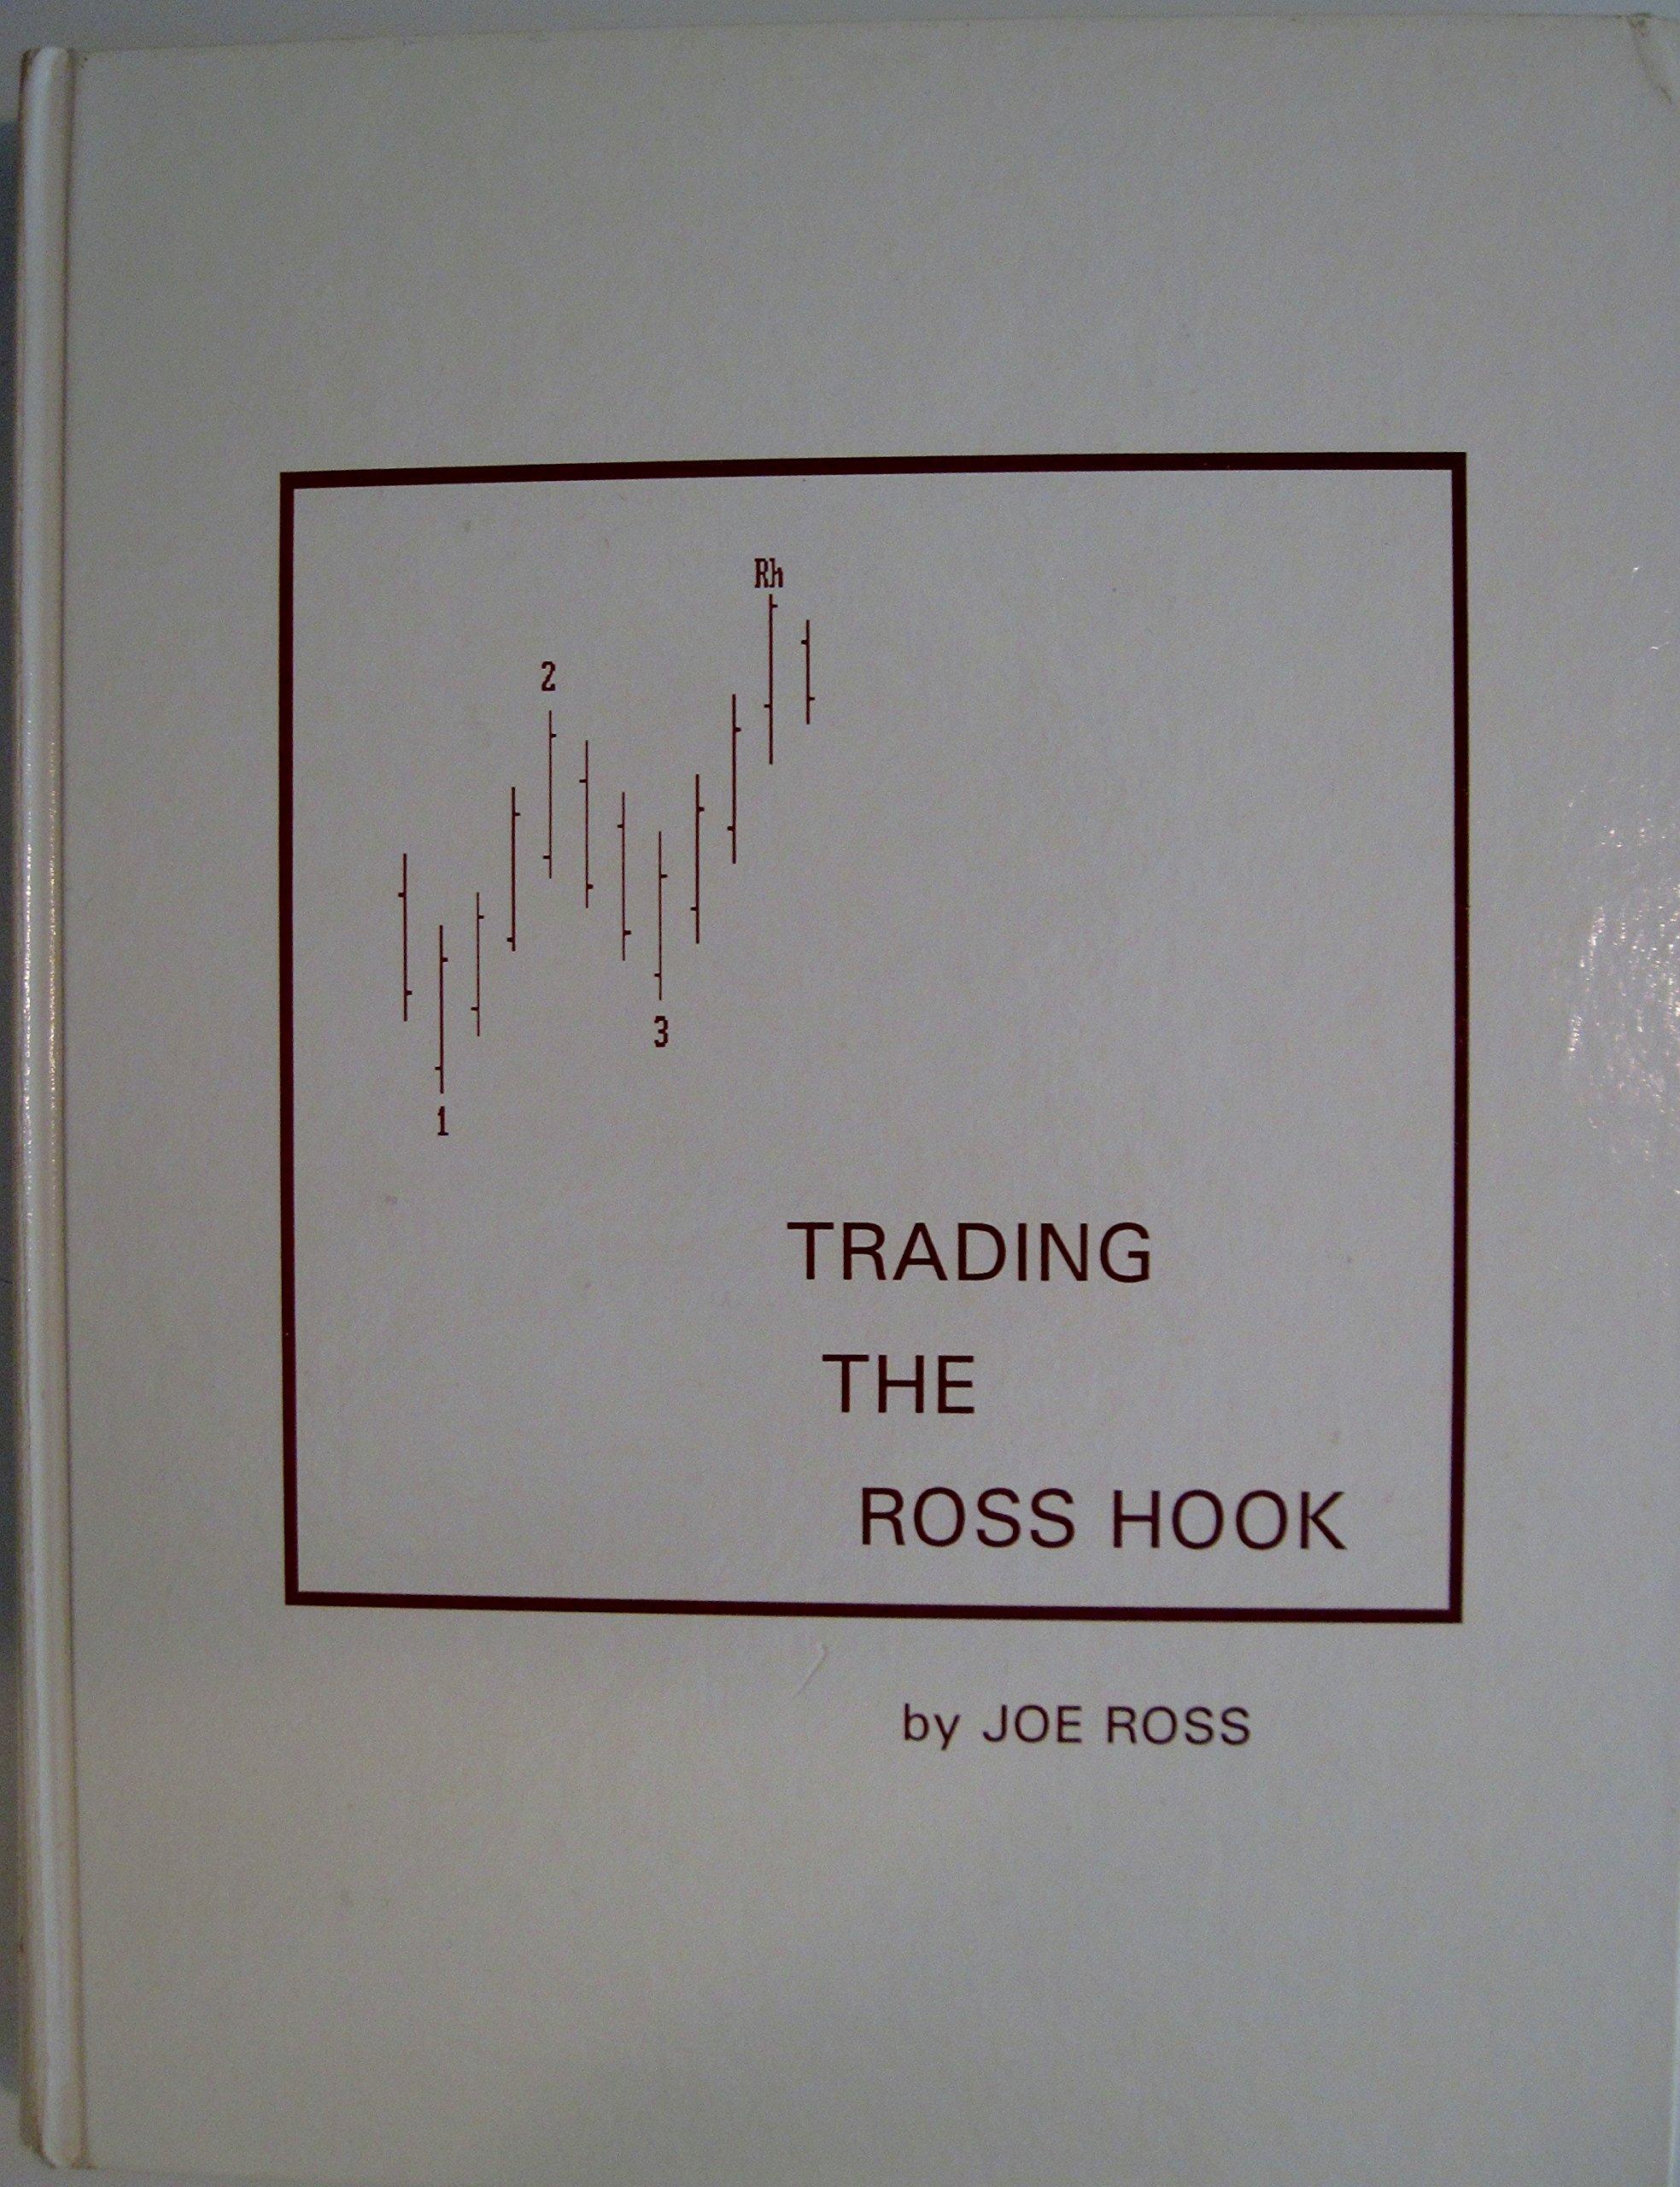 Ross hook forex converter